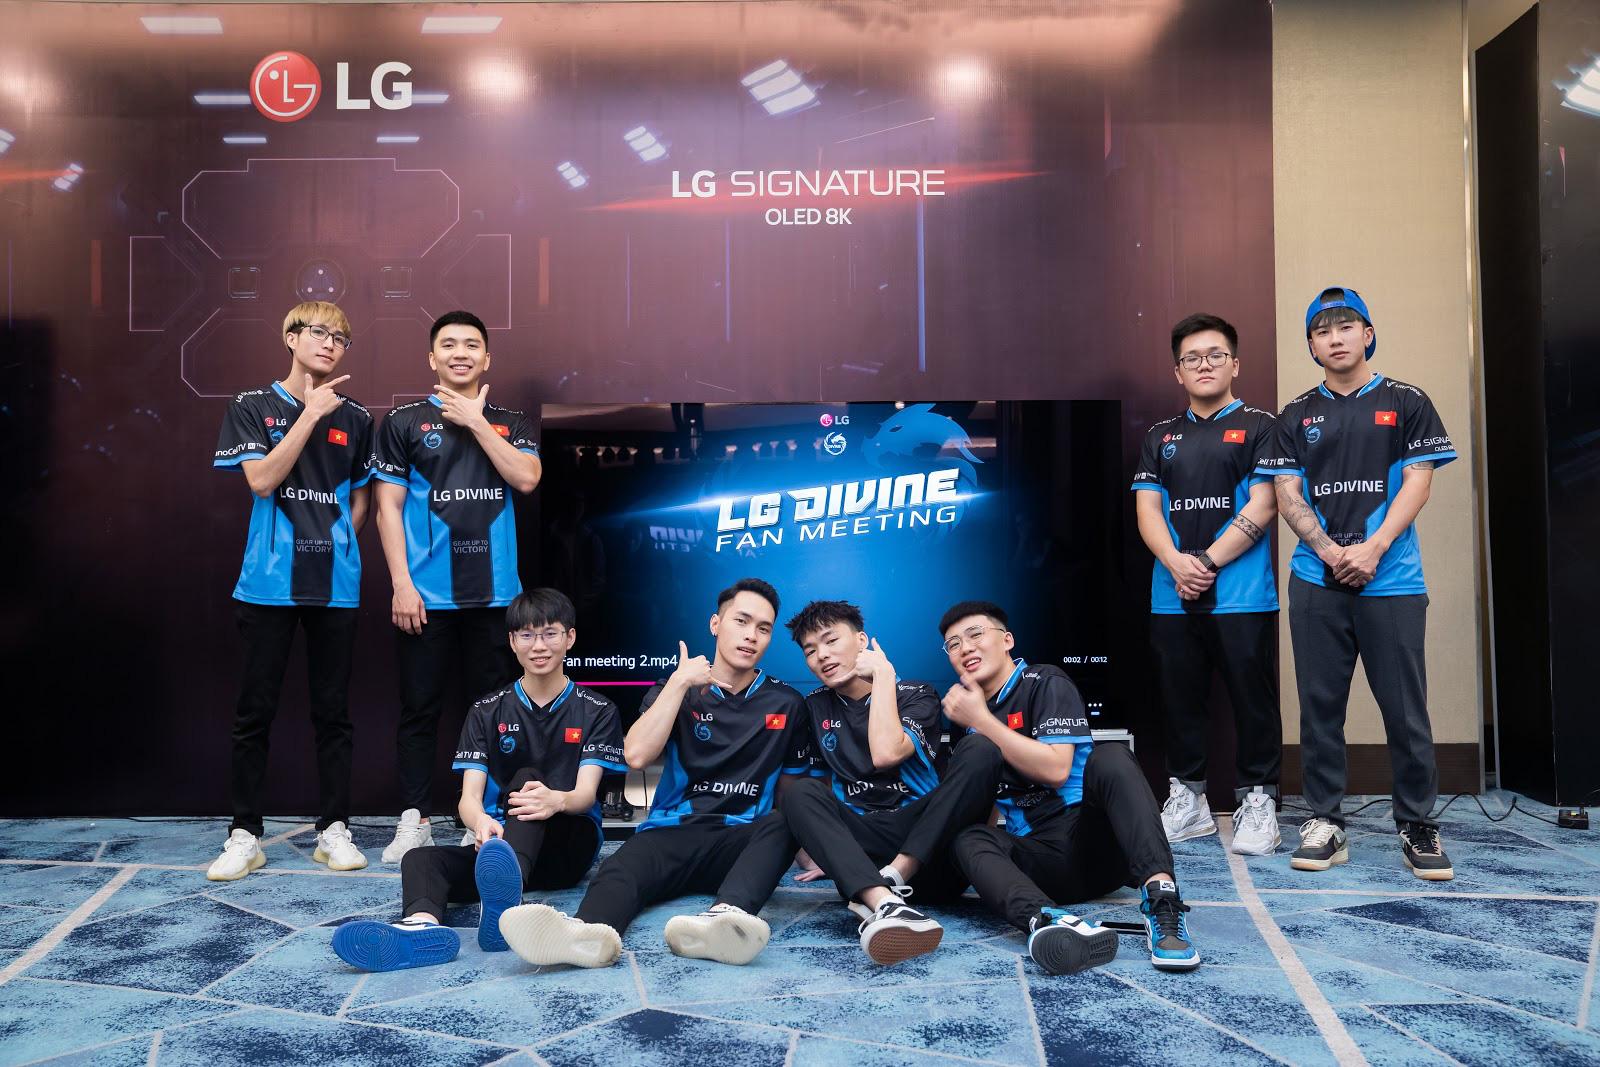 Tập đoàn LG trở thành nhà tài trợ cho Divine eSports - Ảnh 7.